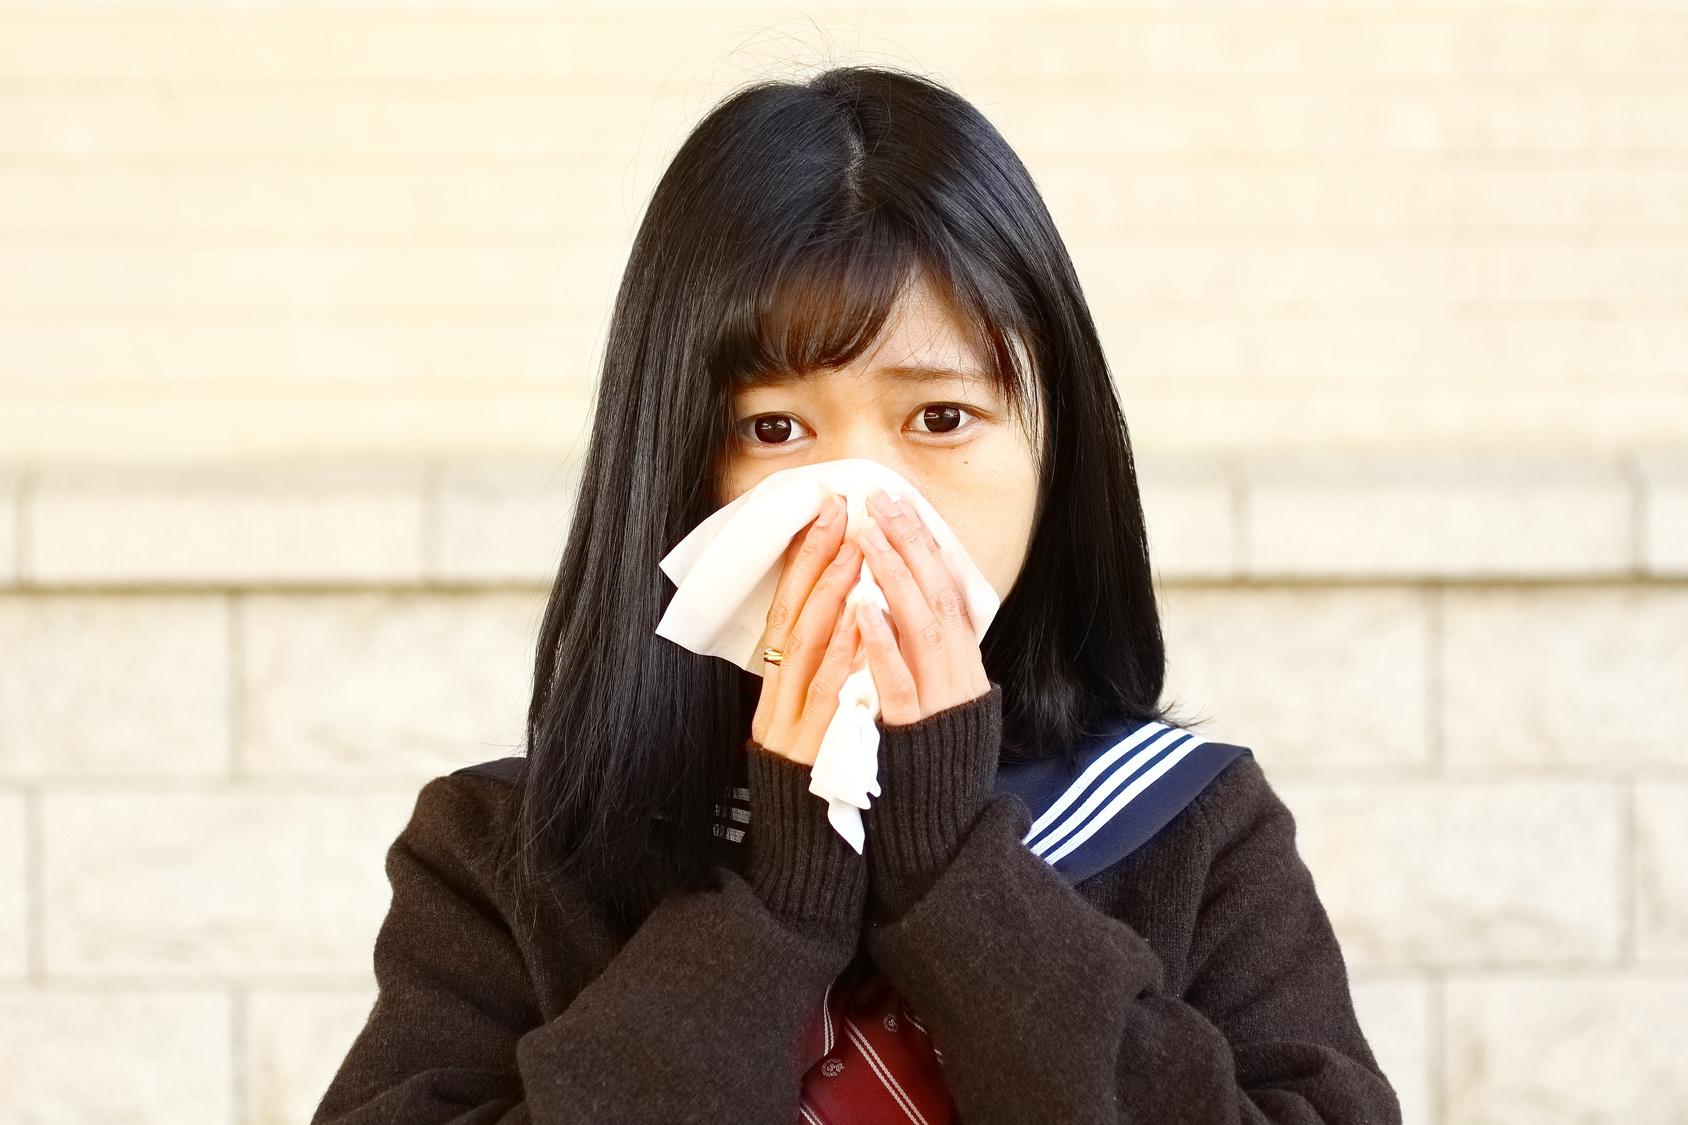 鼻水がたくさん出て治らないのは慢性副鼻腔炎かもしれません